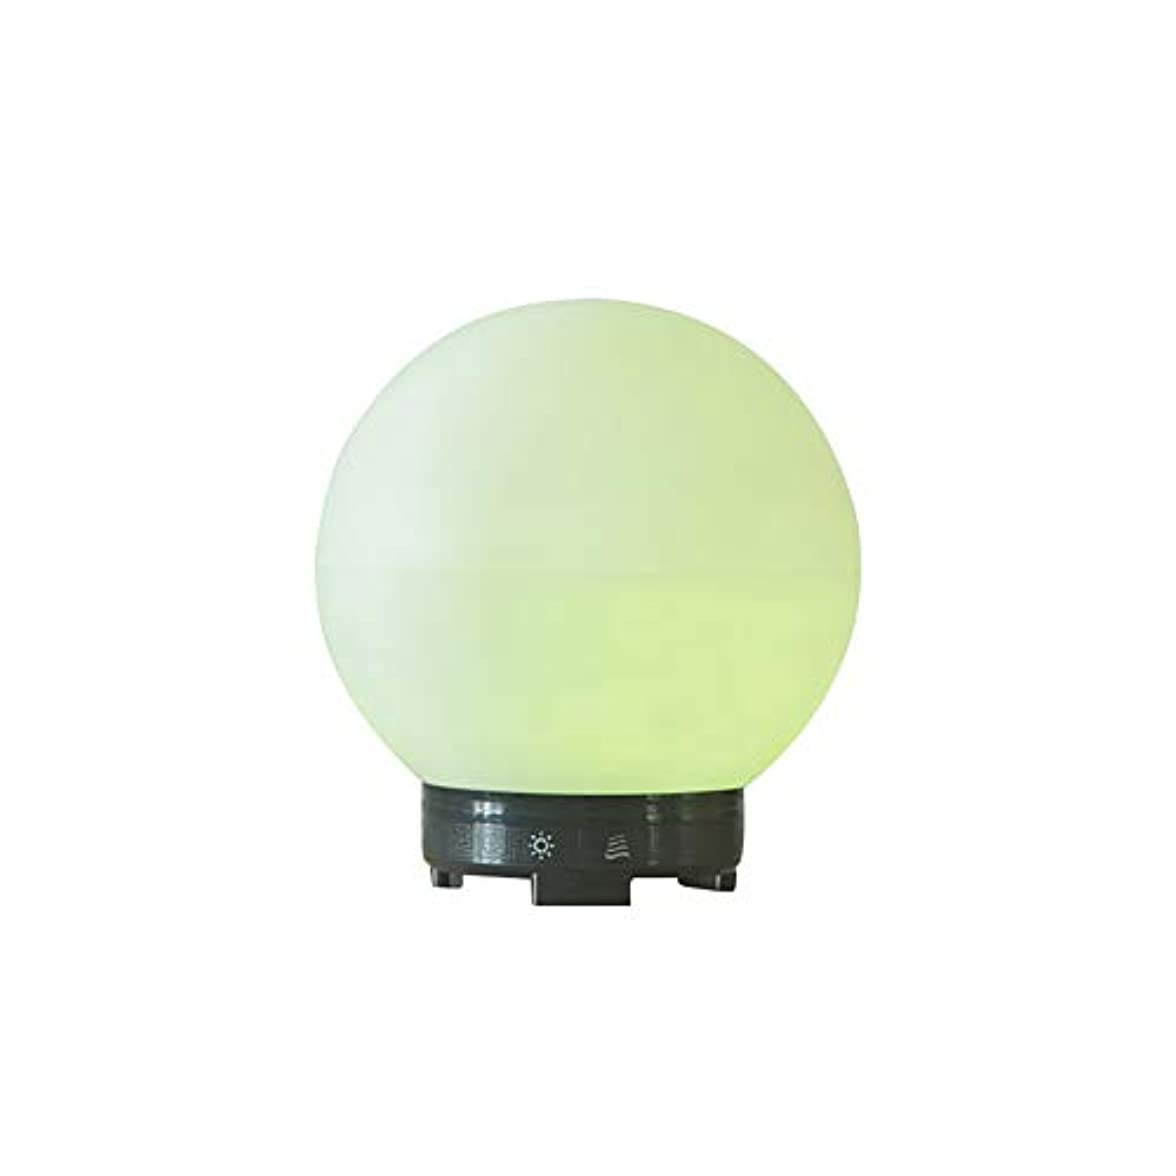 ご近所現実予約エッセンシャルオイルディフューザーと加湿器、ミストエッセンシャルオイルアロマ加湿器用の超音波アロマディフューザー、7色LEDライト